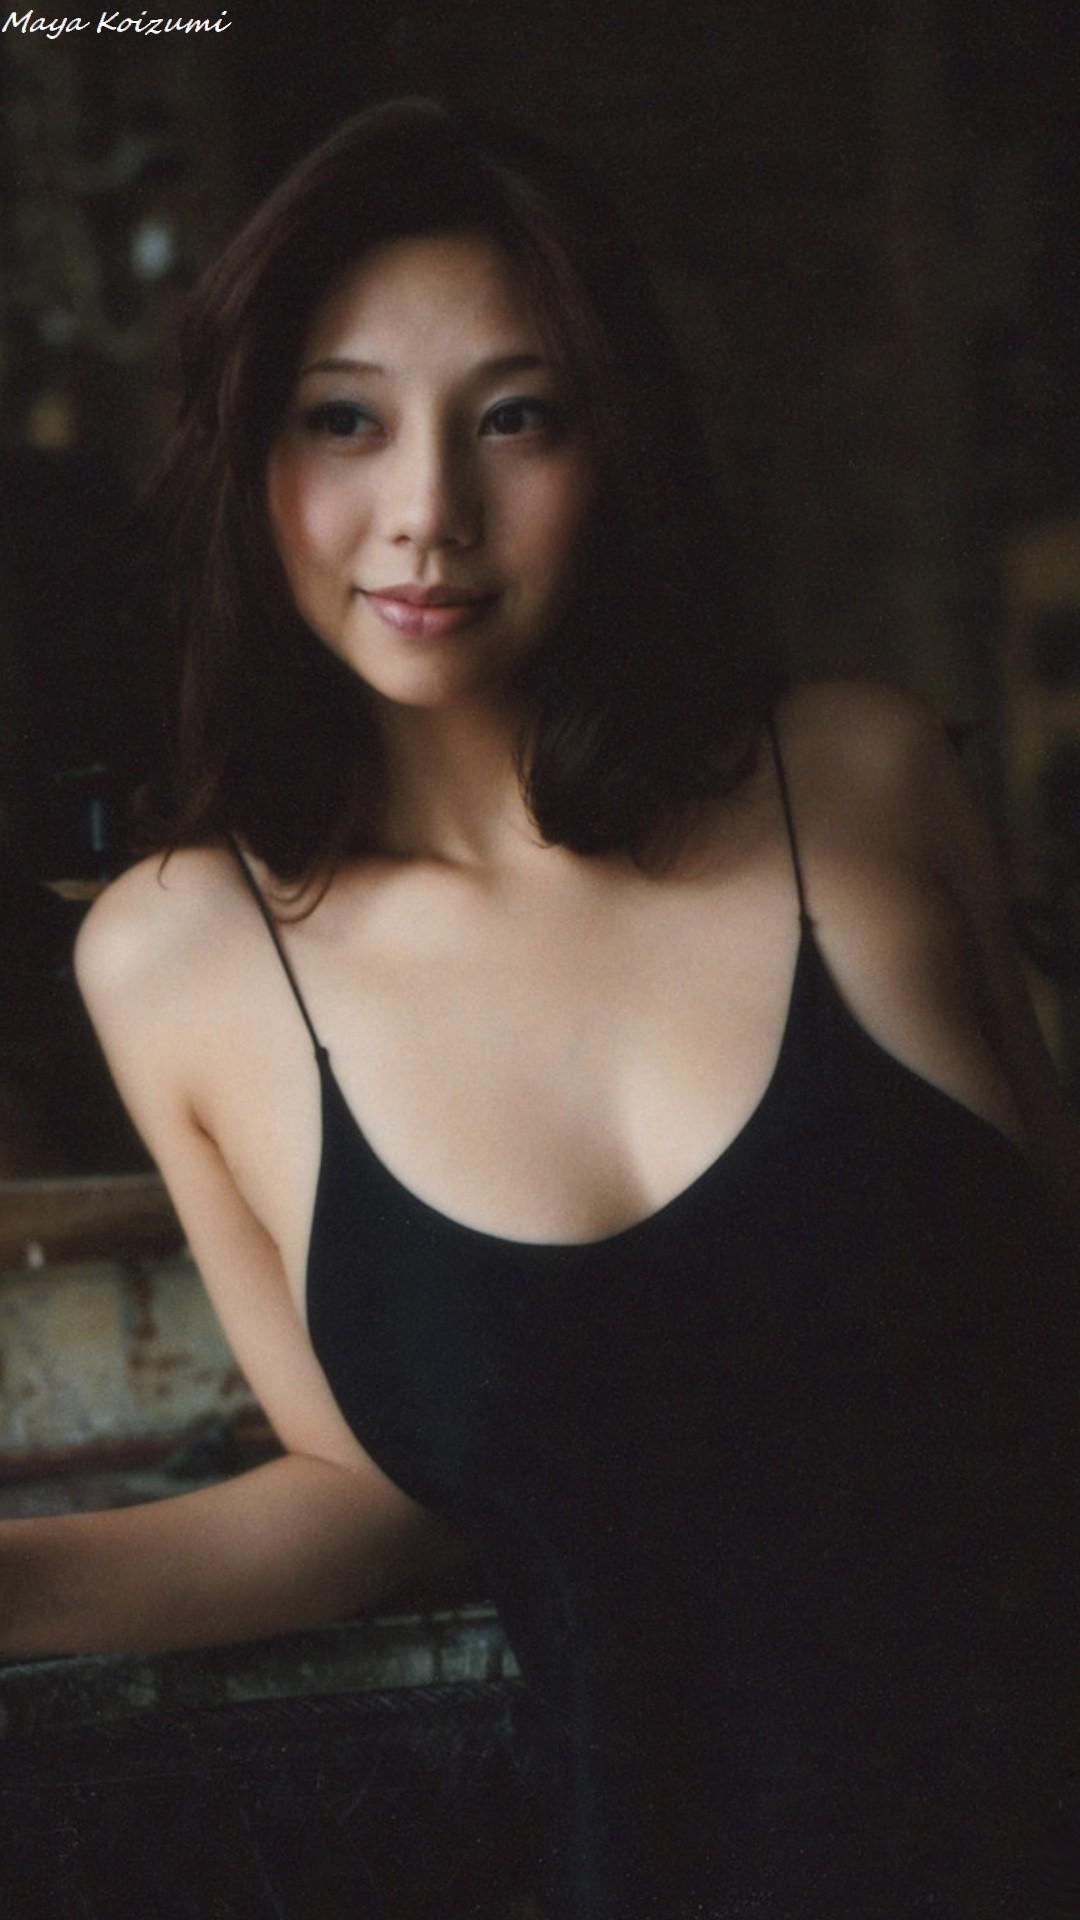 koizumi_maya221.jpg